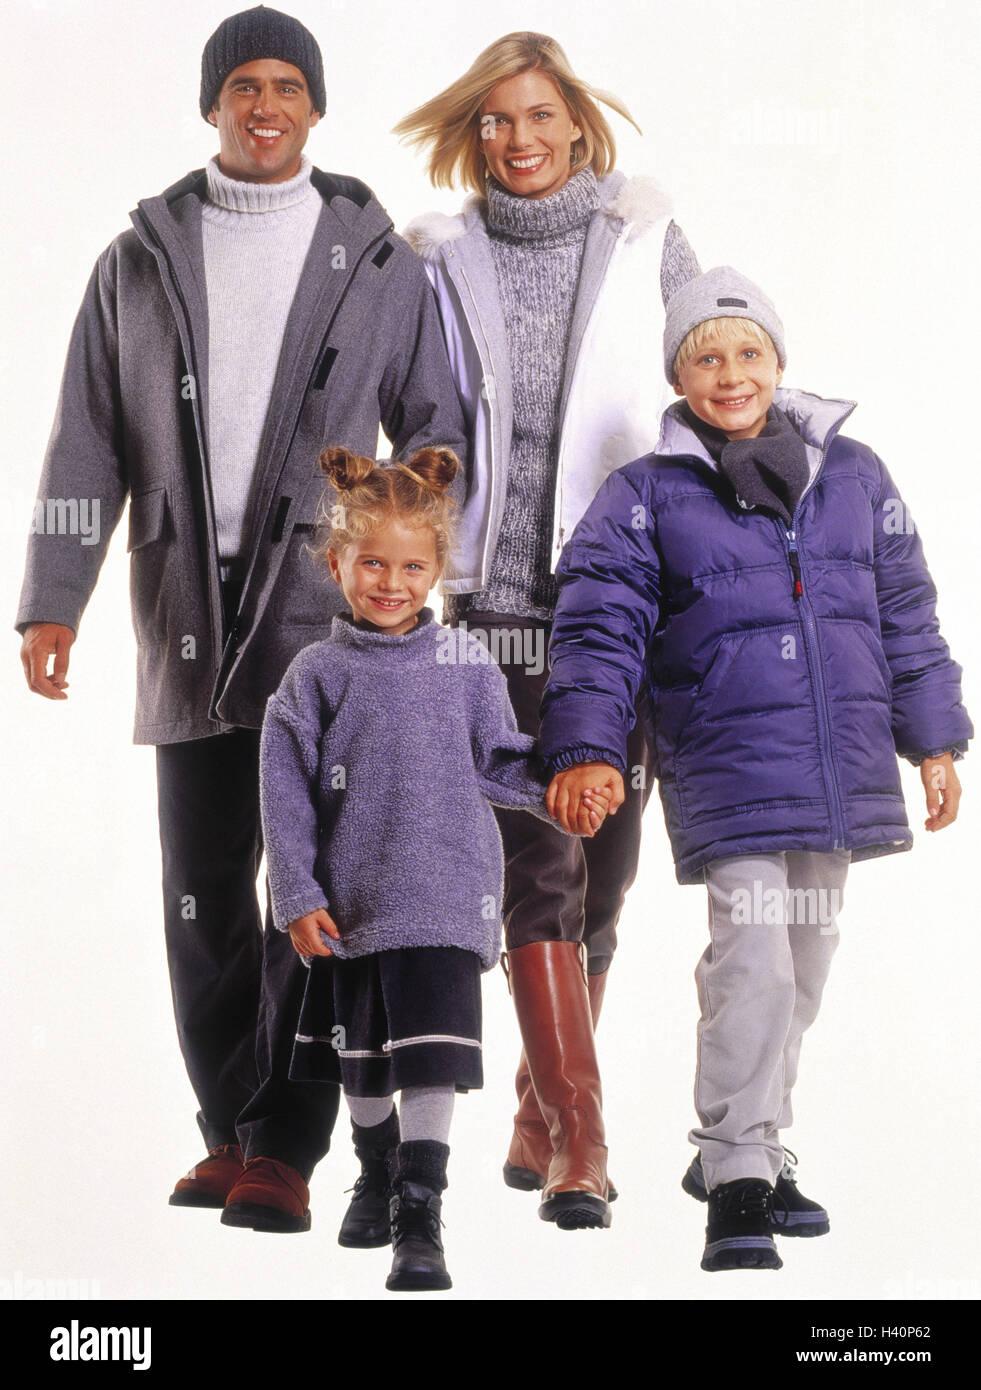 Famiglia, abbigliamento invernale, sorriso, andare motion